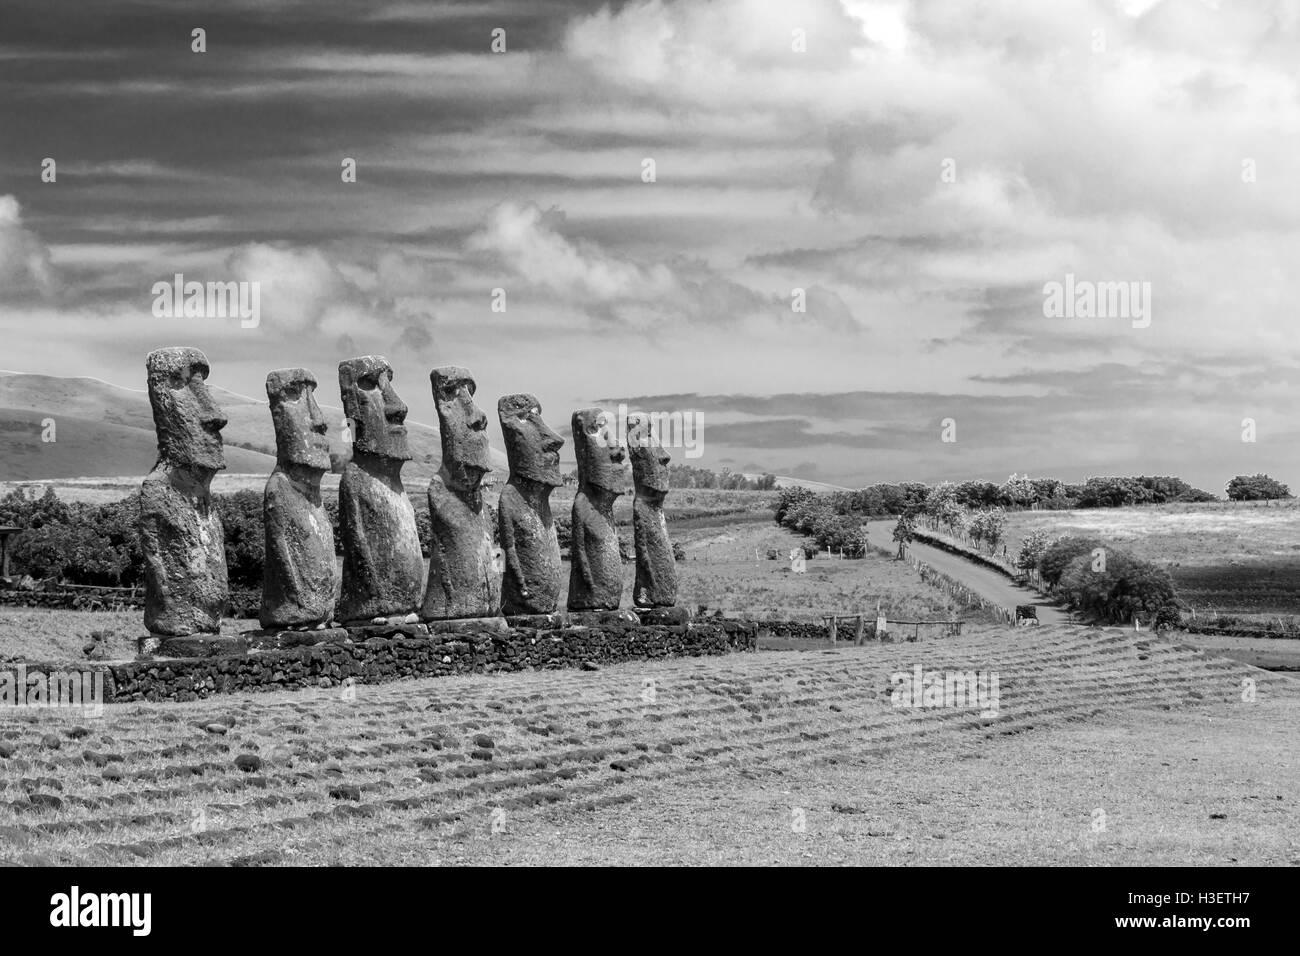 Photo en noir et blanc des statues moai de l'Ahu Akivi sur l'île de Pâques au Chili Photo Stock